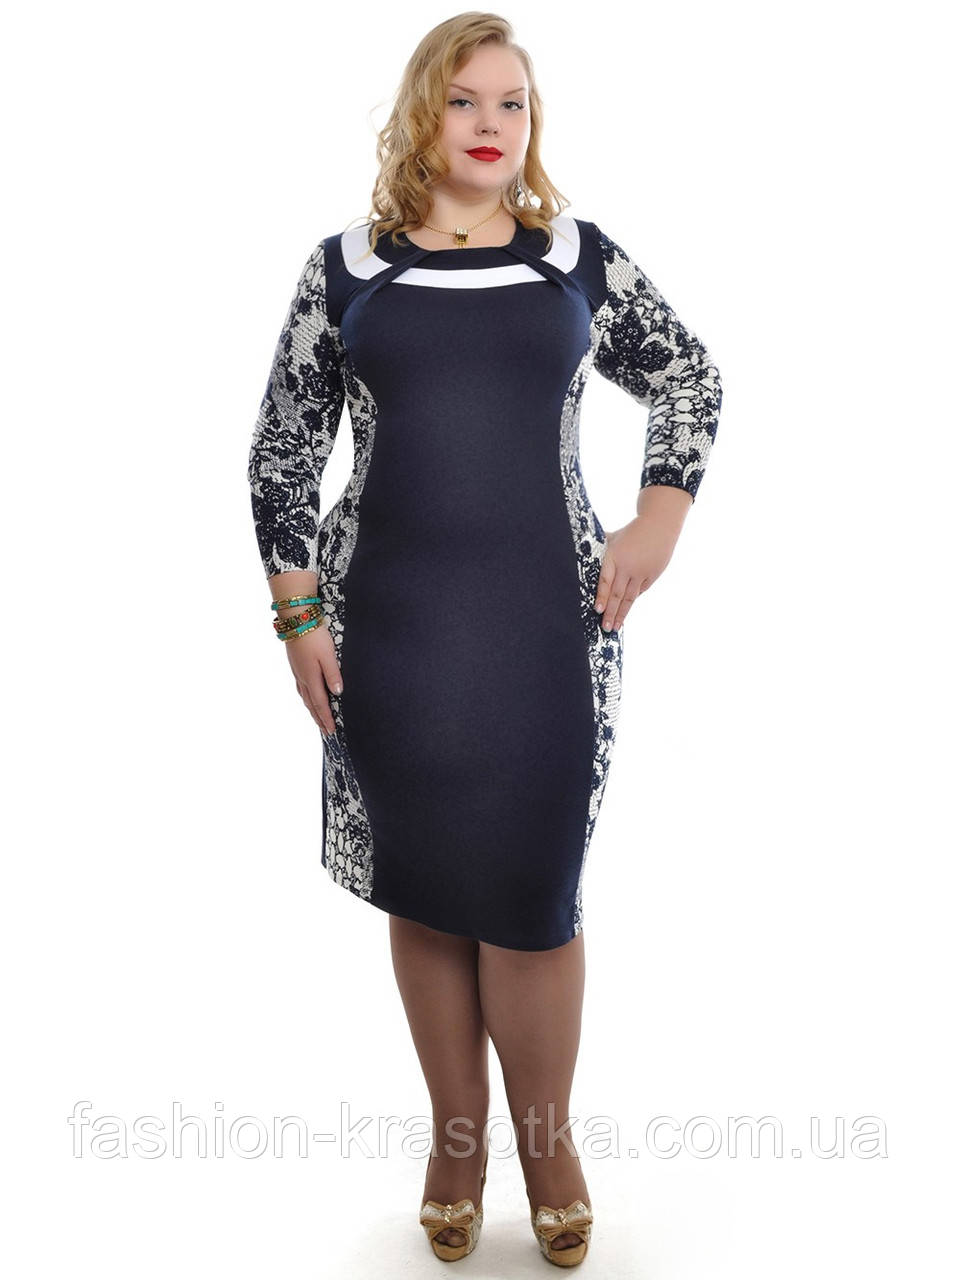 Платье прямое ,размеры 46-62,модель ДК 525